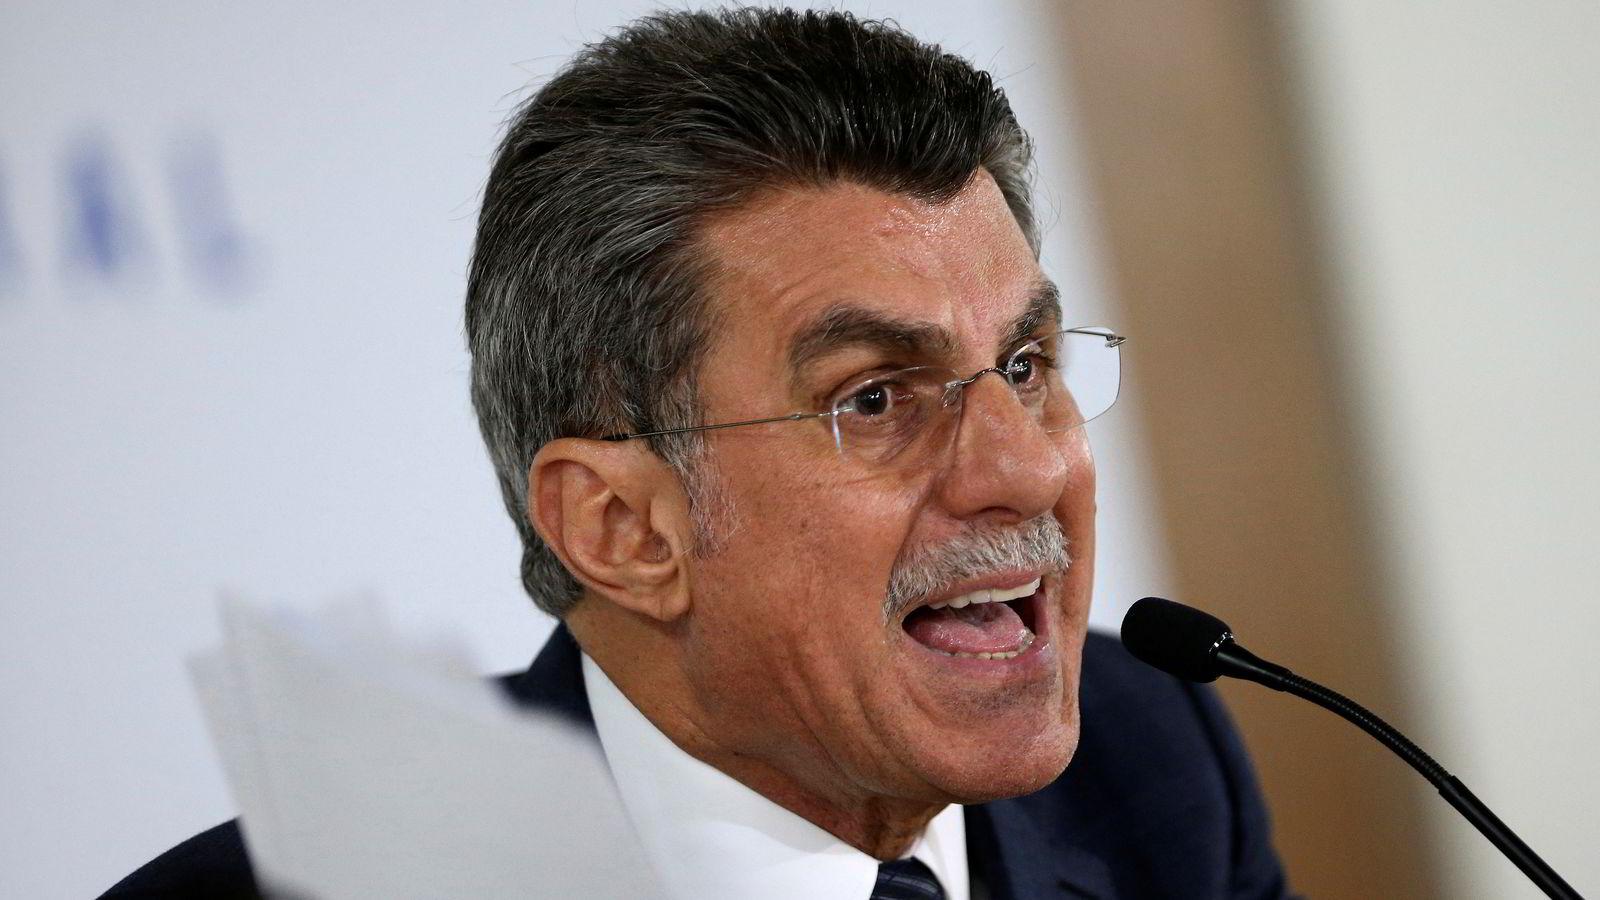 I SKVIS. Brasils planleggingsminister Romero Juca avviser ikke at opptakene som ble lekket mandag er ekte. Han nekter imidlertid for at uttalelsene dreide seg om et forsøk på å stanse korrupsjonsetterforskningen. FOTO: Adriano Machado / Reuters / NTB scanpix